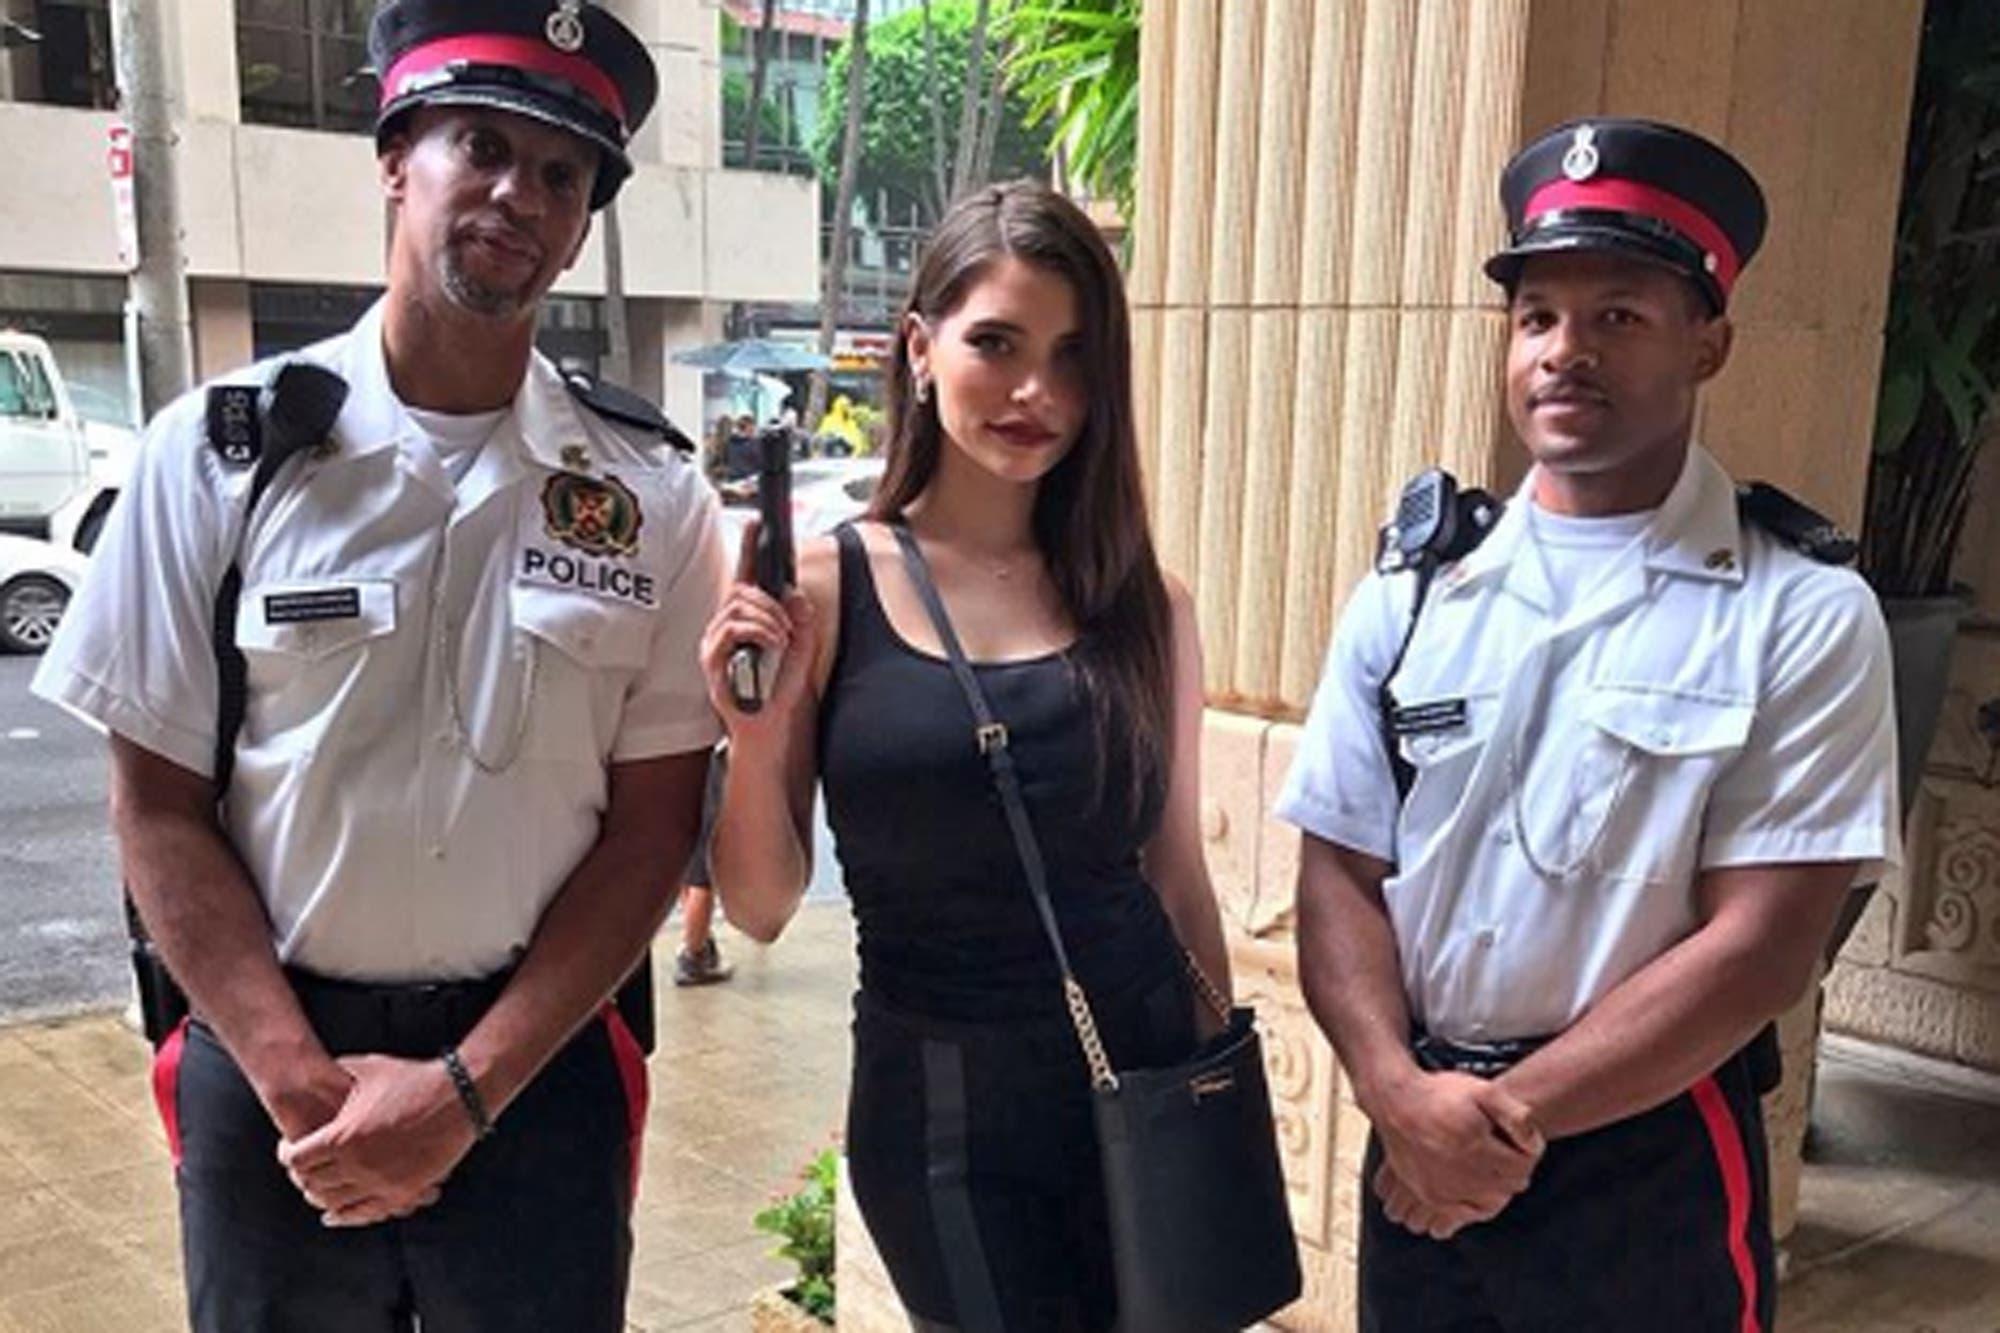 Actrices Porno Vestidas De Policia eva de dominici y su debut en hollywood: participó de la